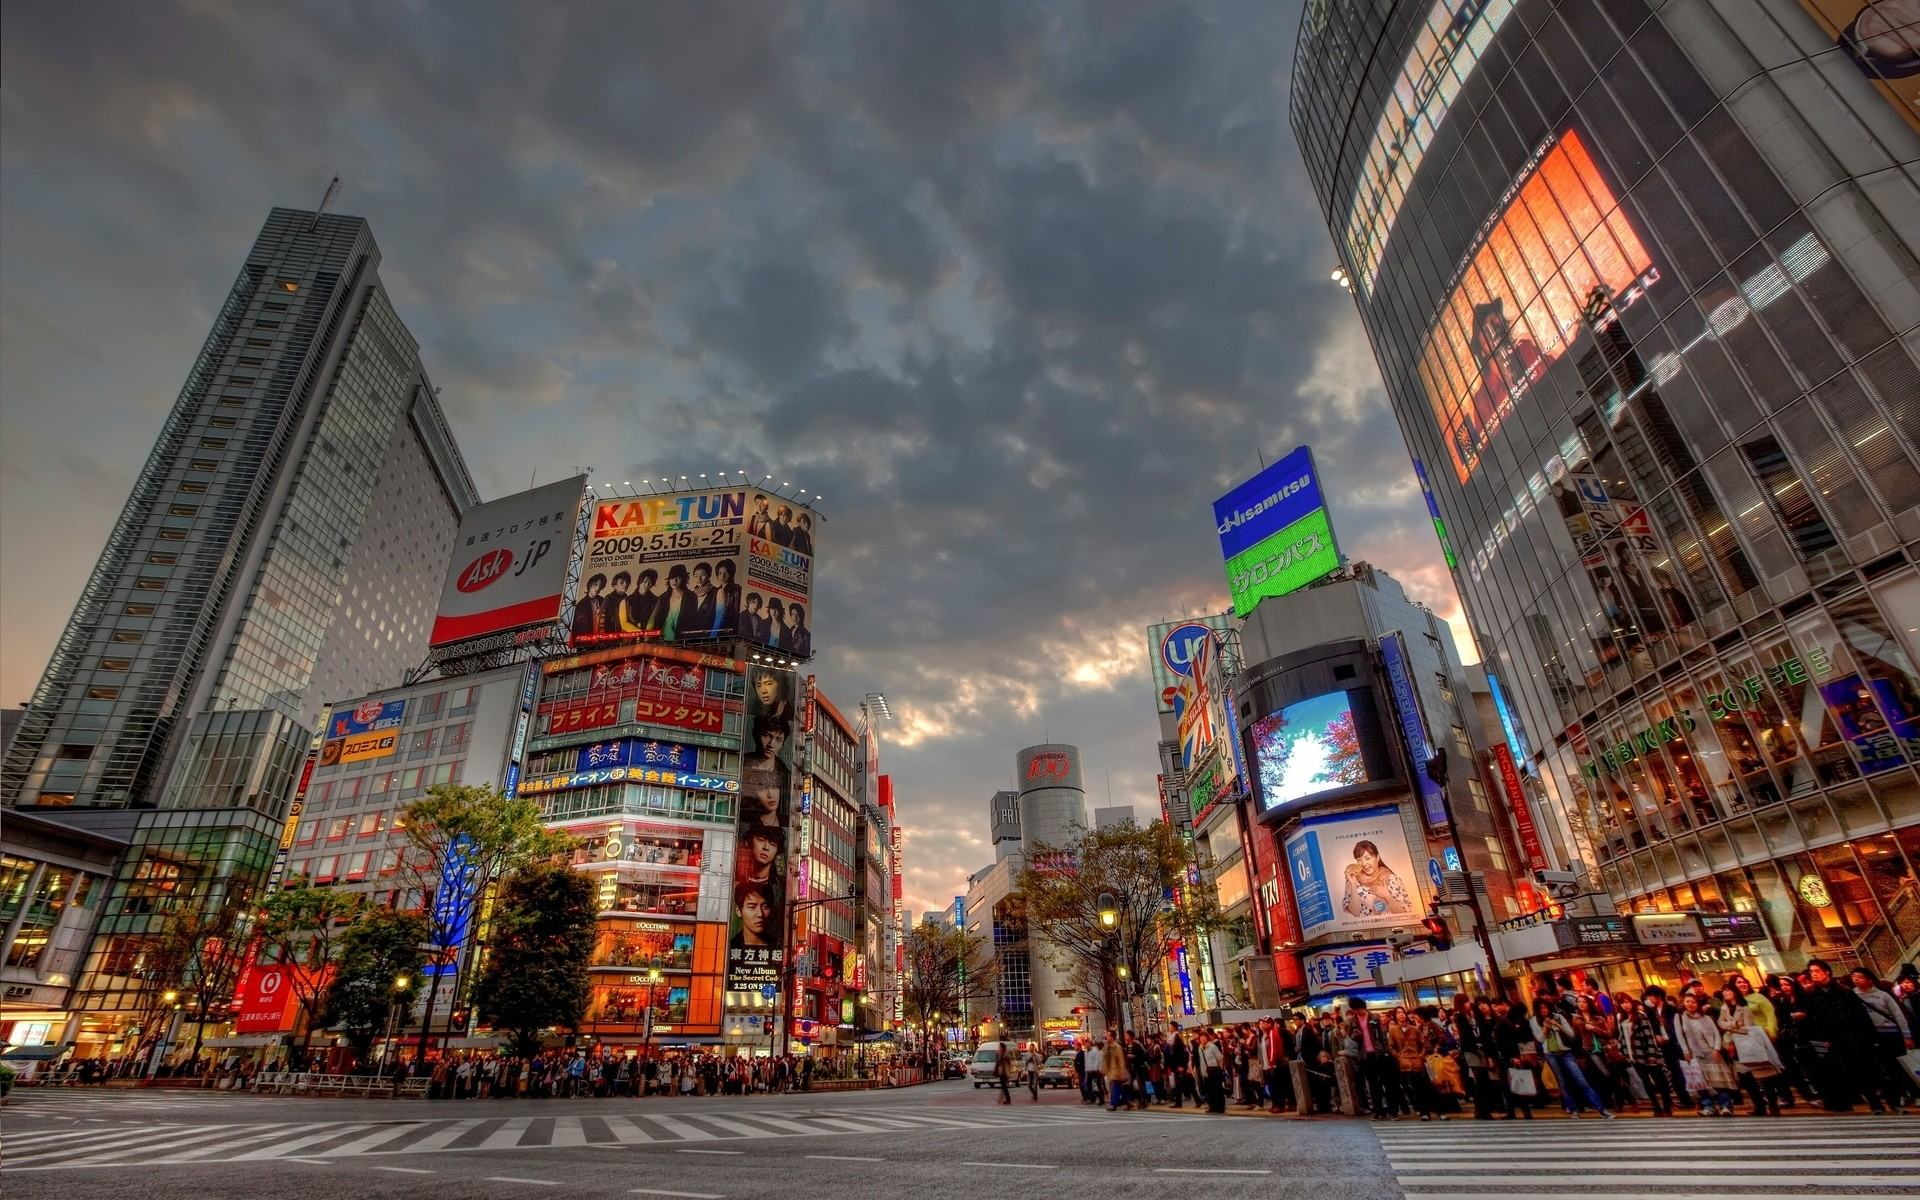 12 pontos negativos sobre Japão - Curiosidades do Japão